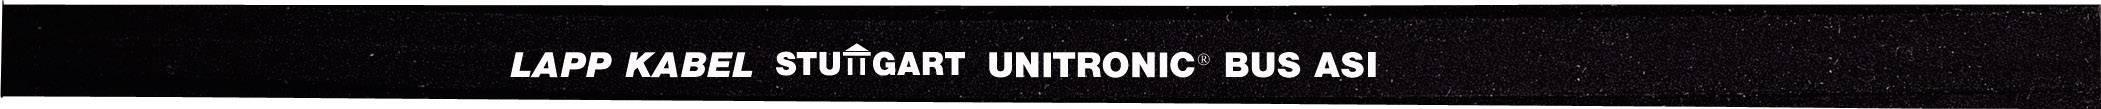 Zbernicový kábel LappKabel UNITRONIC® BUS 2170372, čierna, metrový tovar